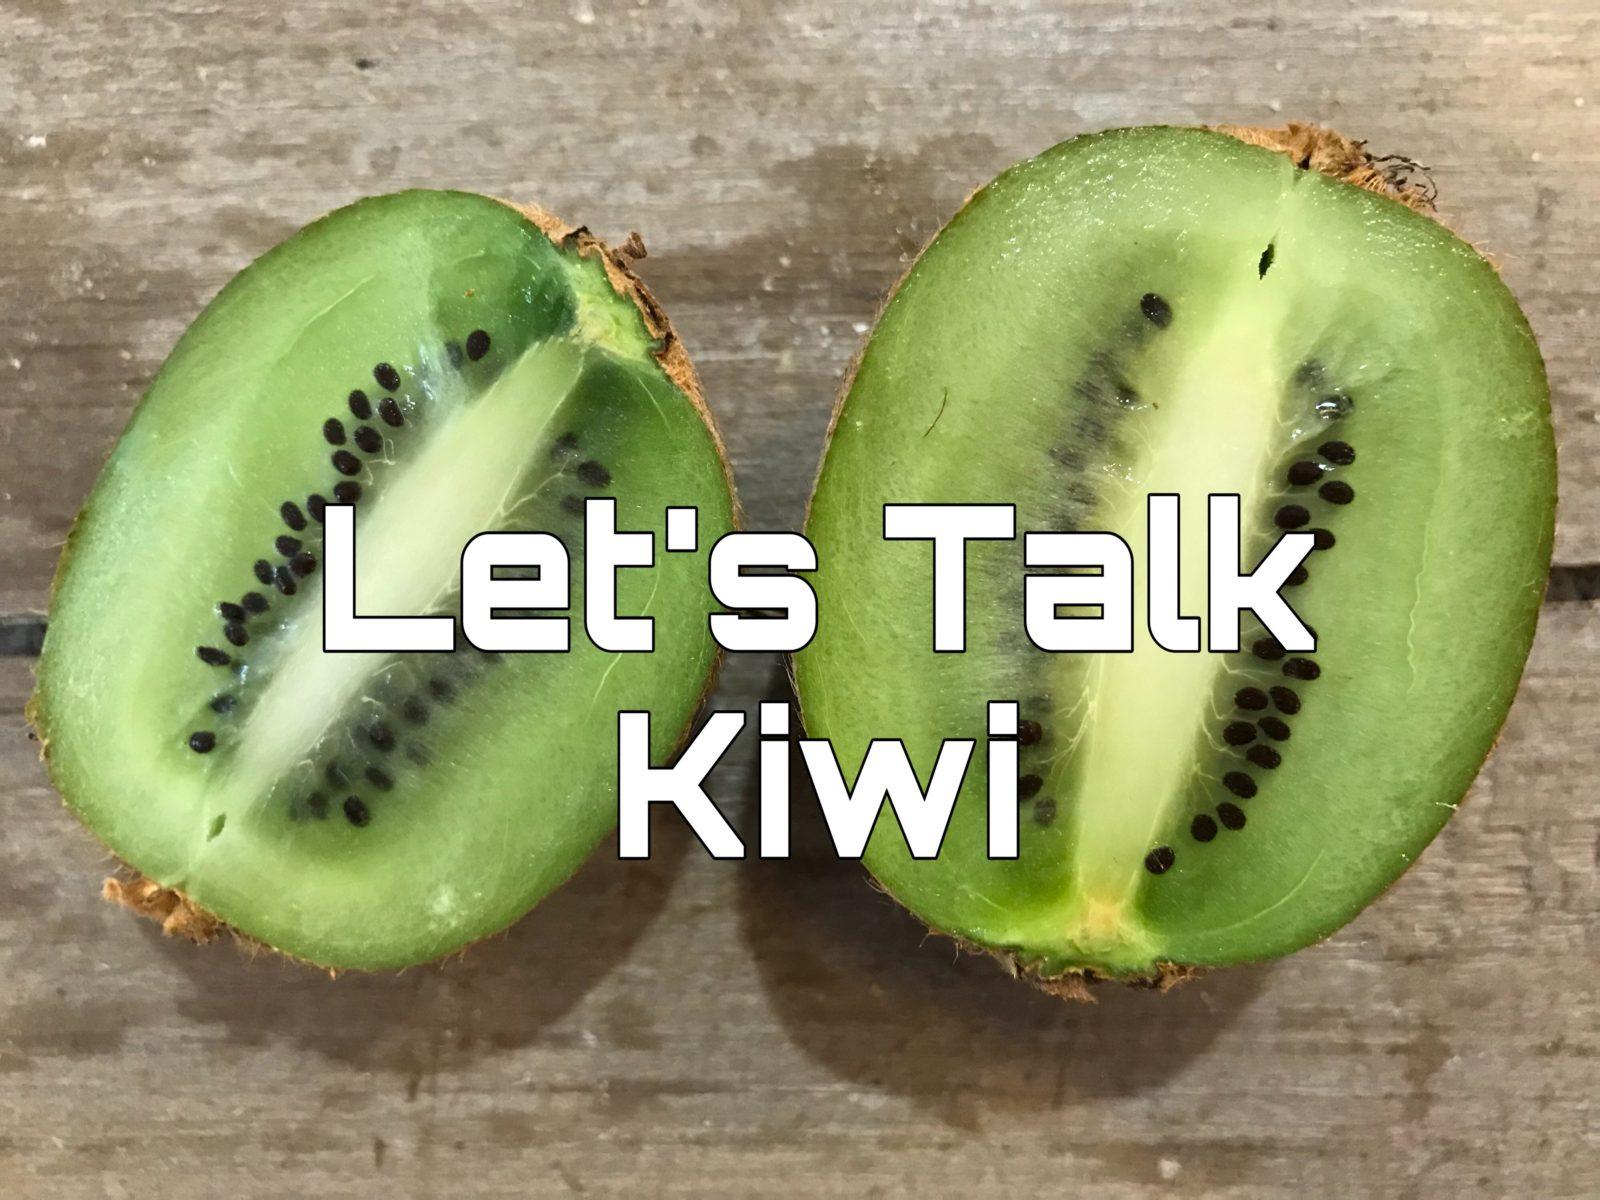 Let's Talk Kiwi